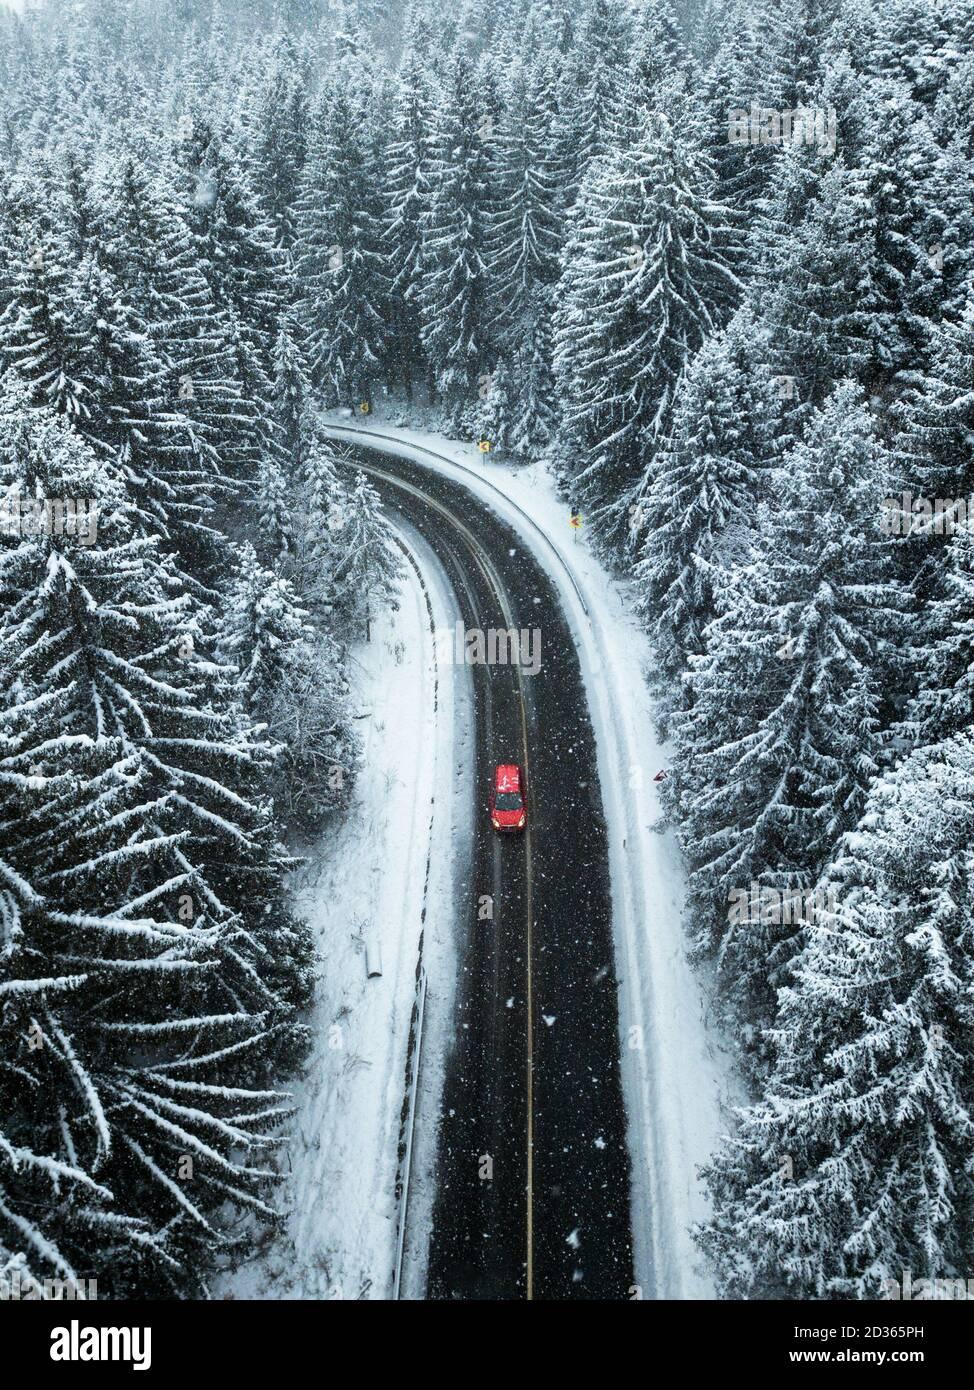 Vue aérienne de la forêt enneigée.UNE voiture rouge passant entre les arbres sur la route asphaltée. Concept de voyage nature. Banque D'Images